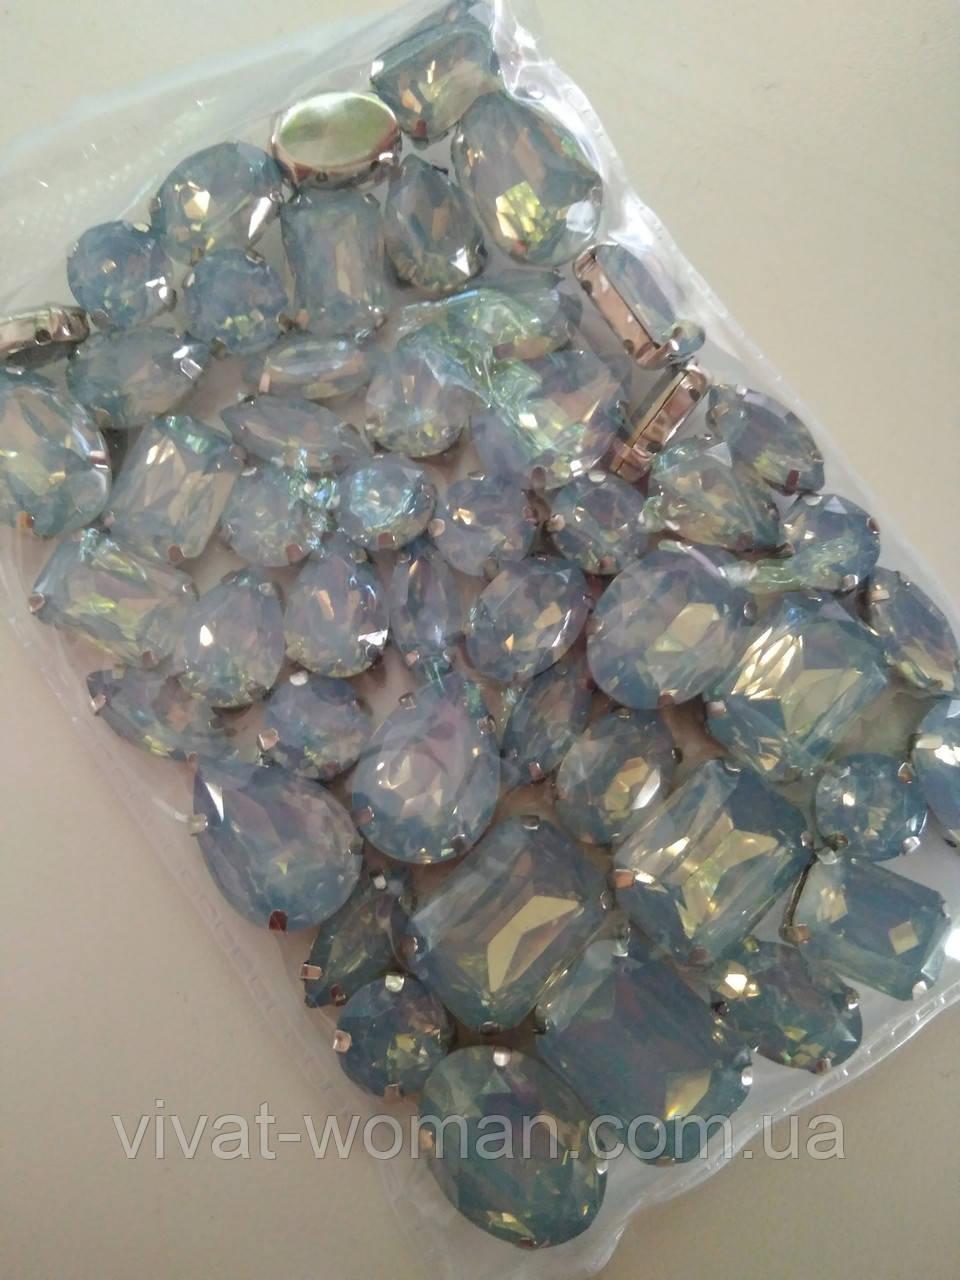 Пришивні камені в цапах, Blue opal, скло, срібна оправа. Мікс. Ціна за 50 шт